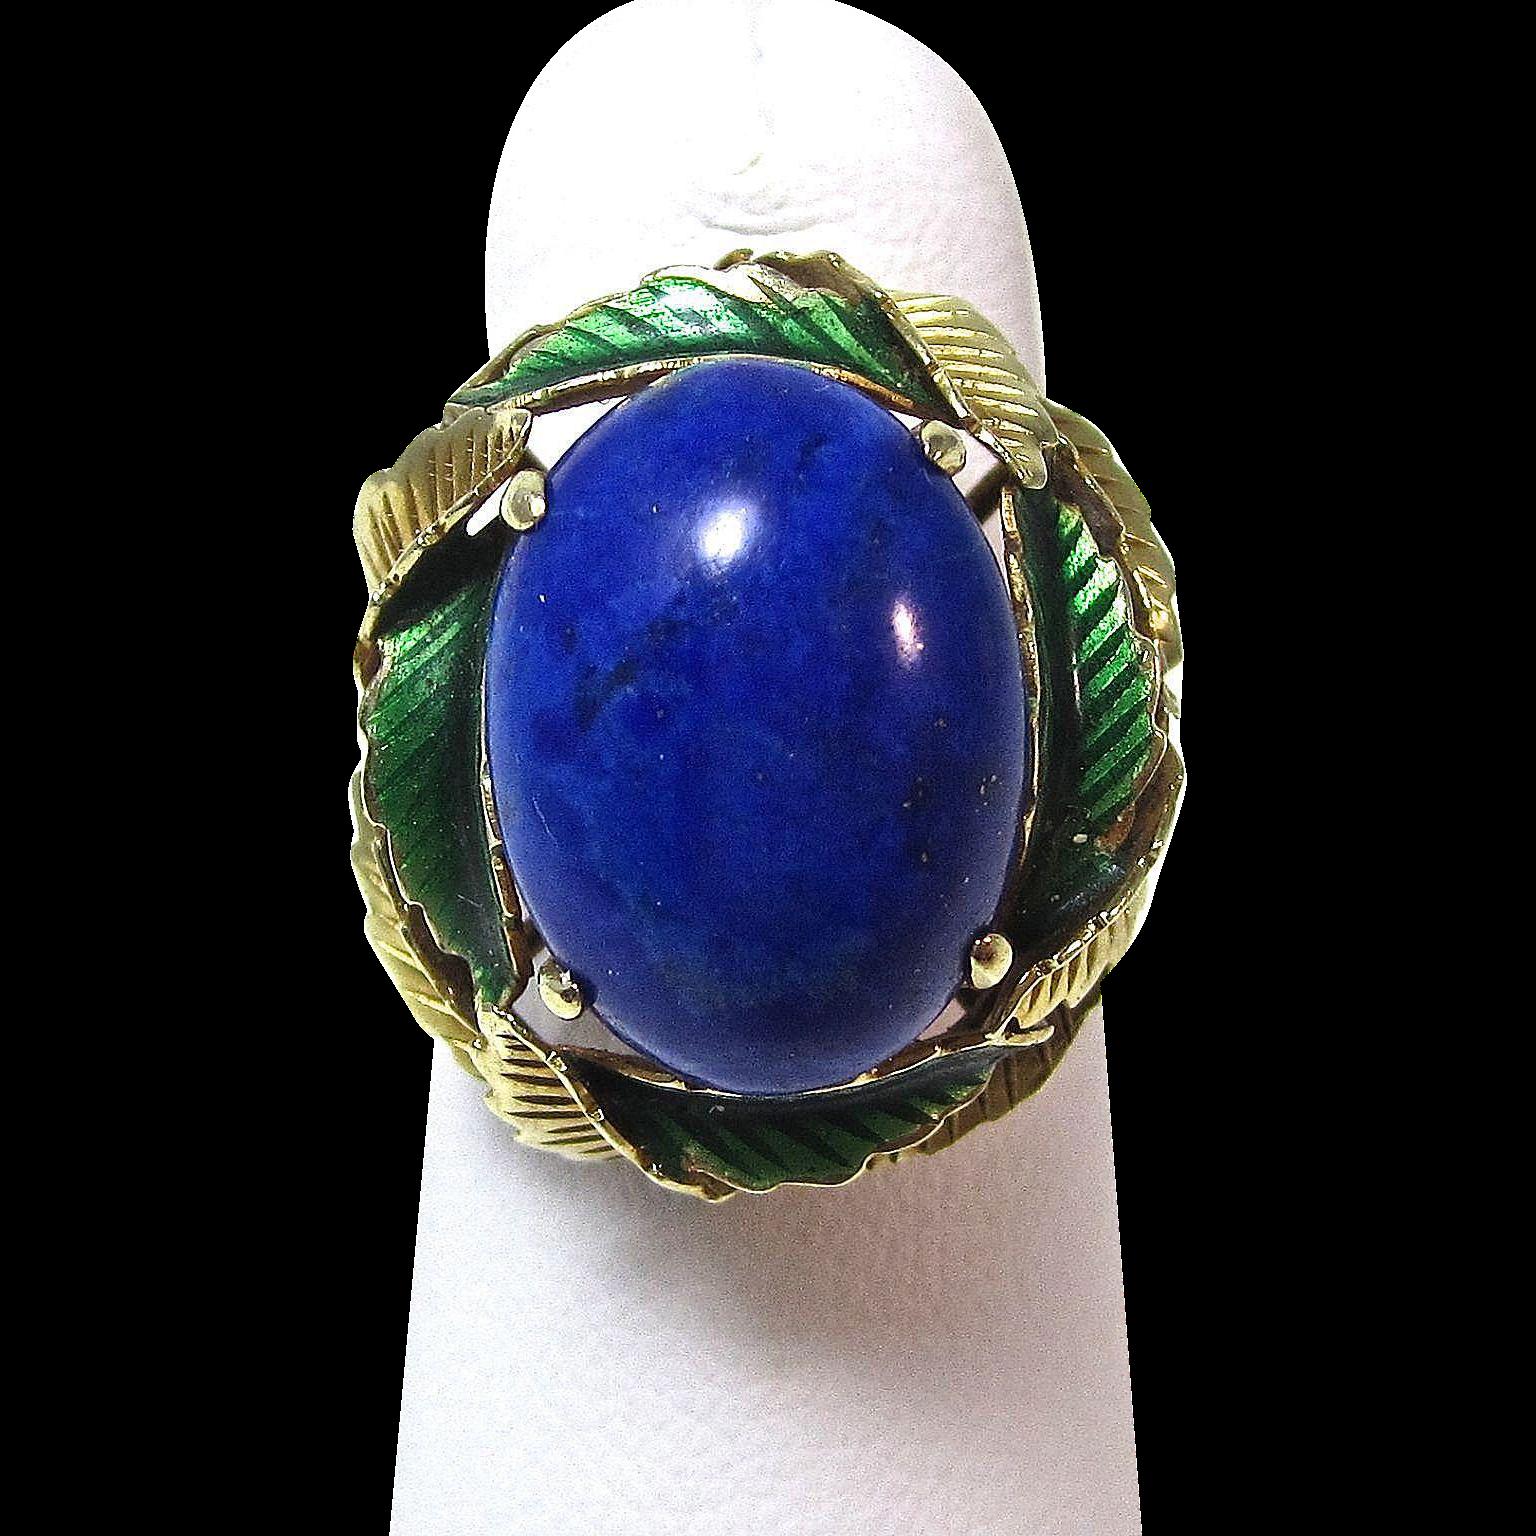 Vintage Estate 1950's Lapis Lazuli Enamel Cocktail Ring 14K